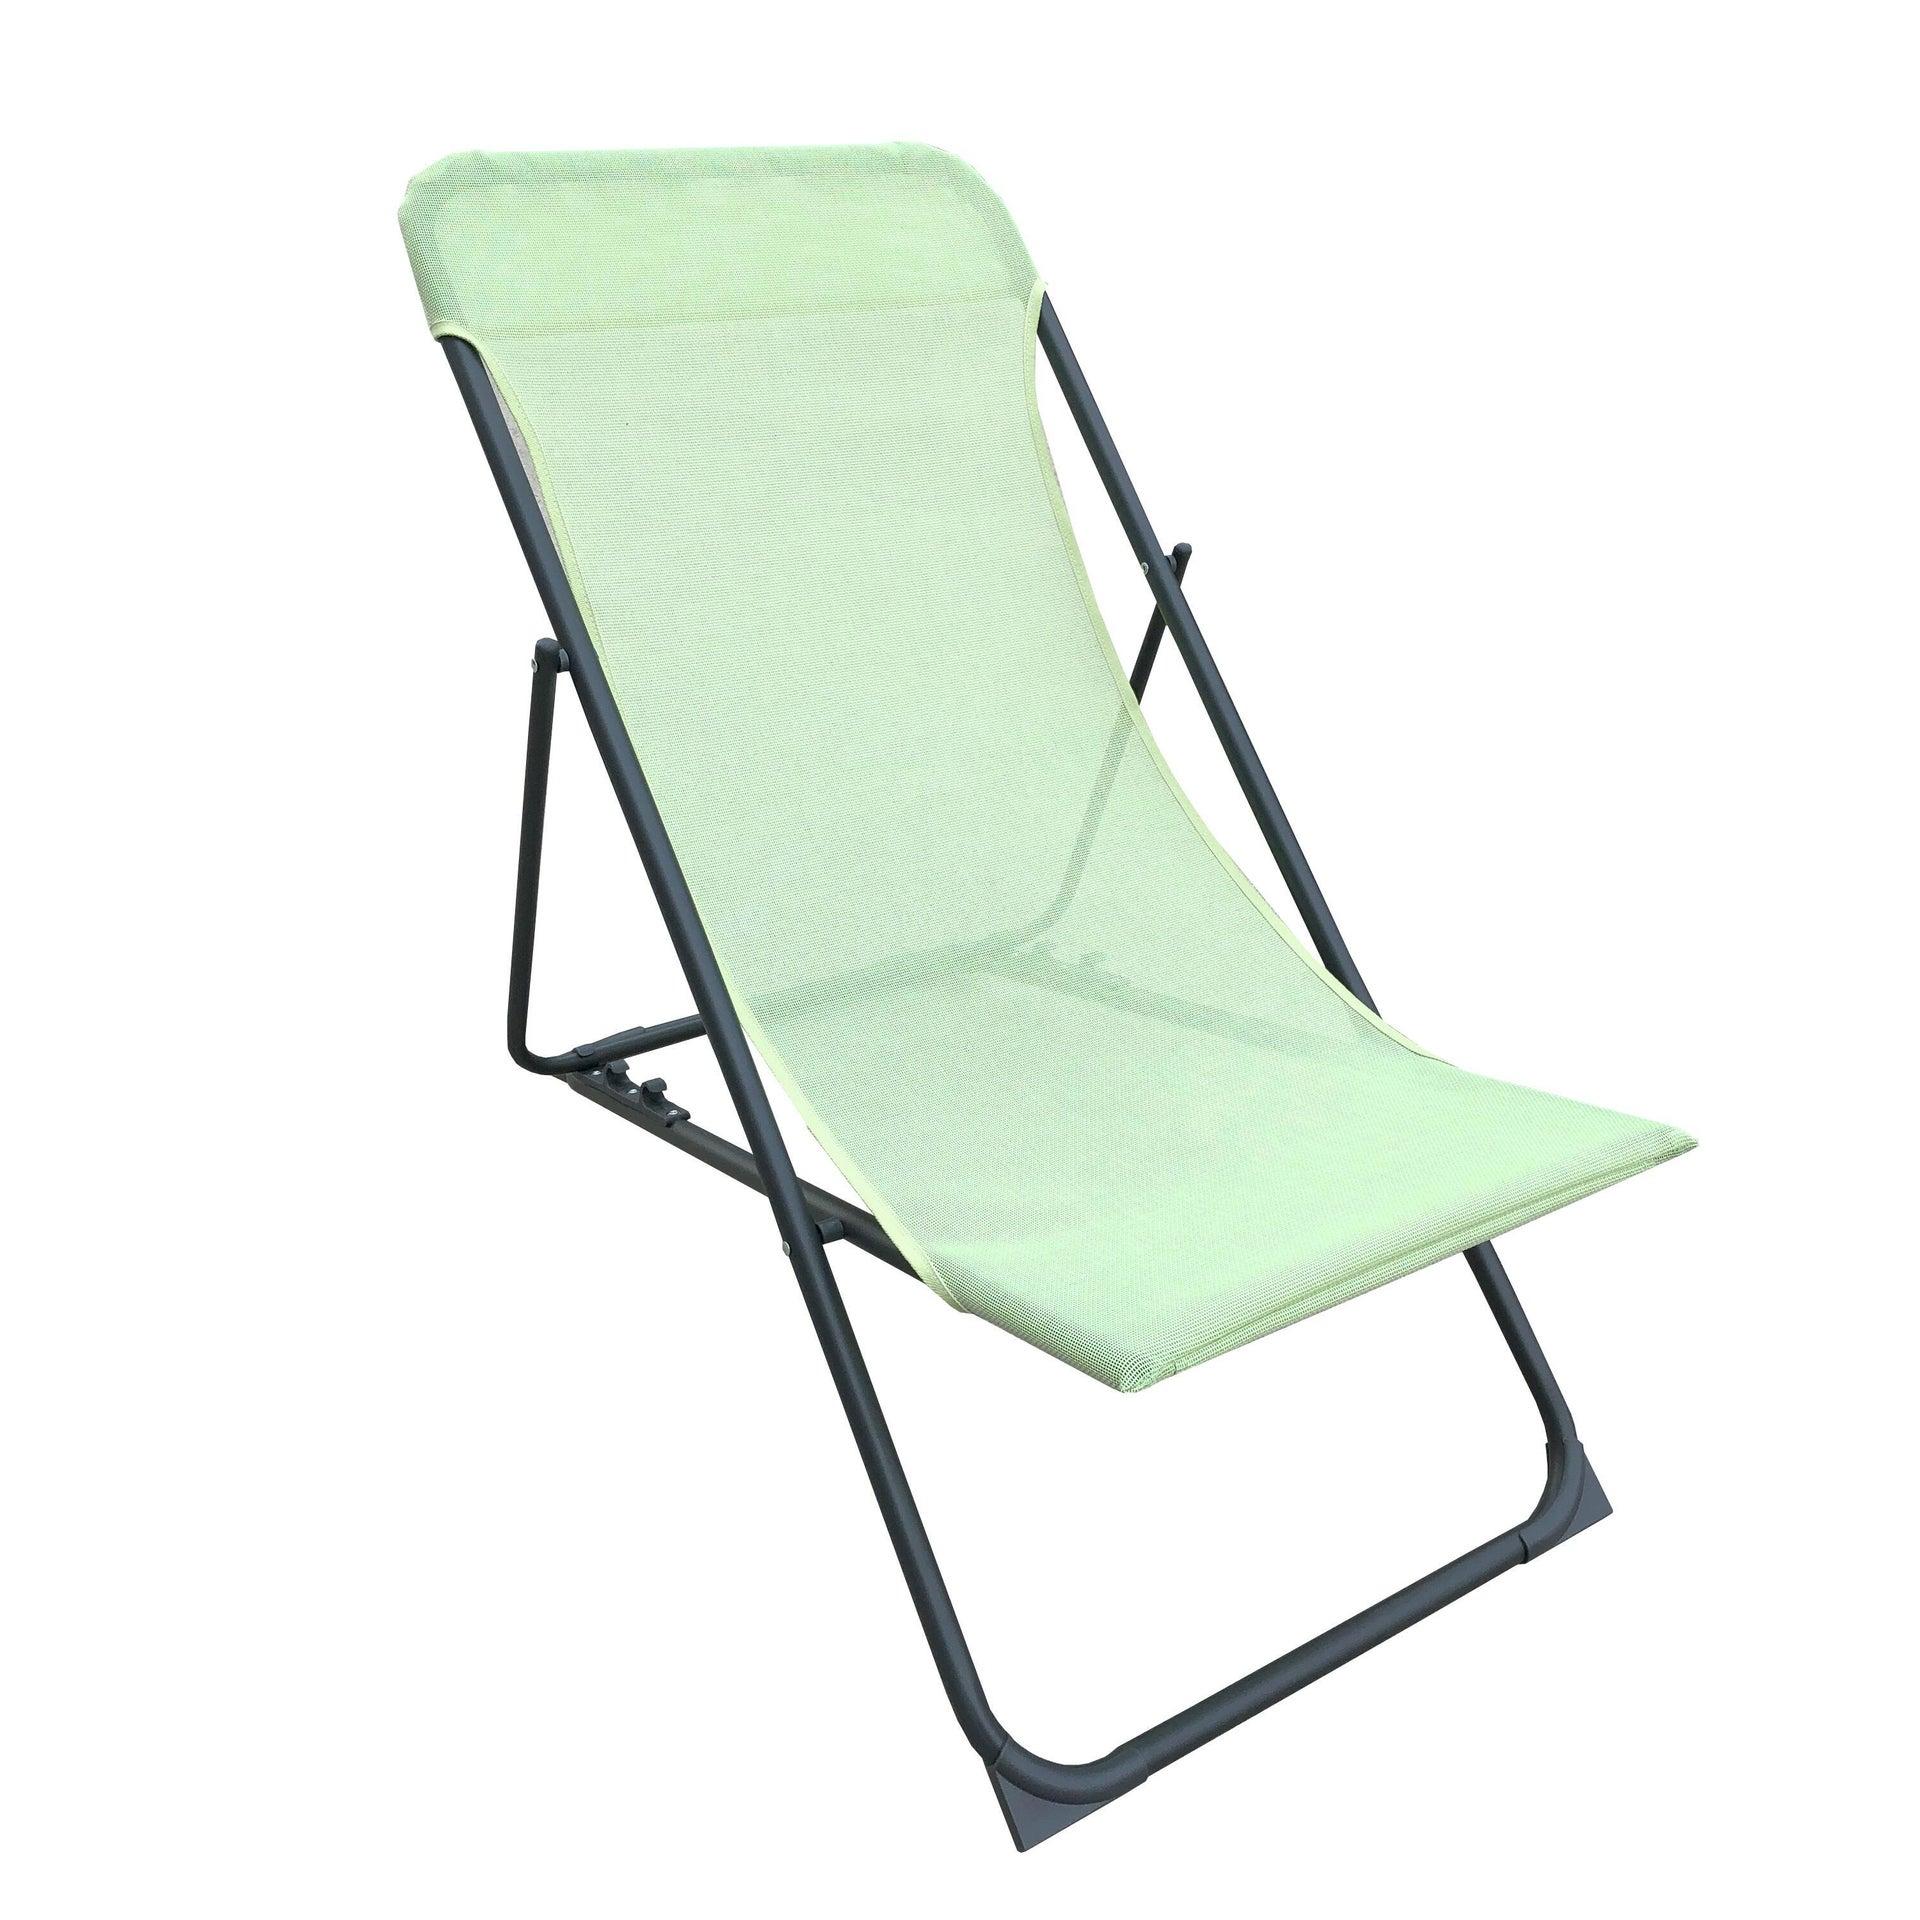 Sedia da giardino senza cuscino pieghevole in acciaio Biganos colore verde - 1